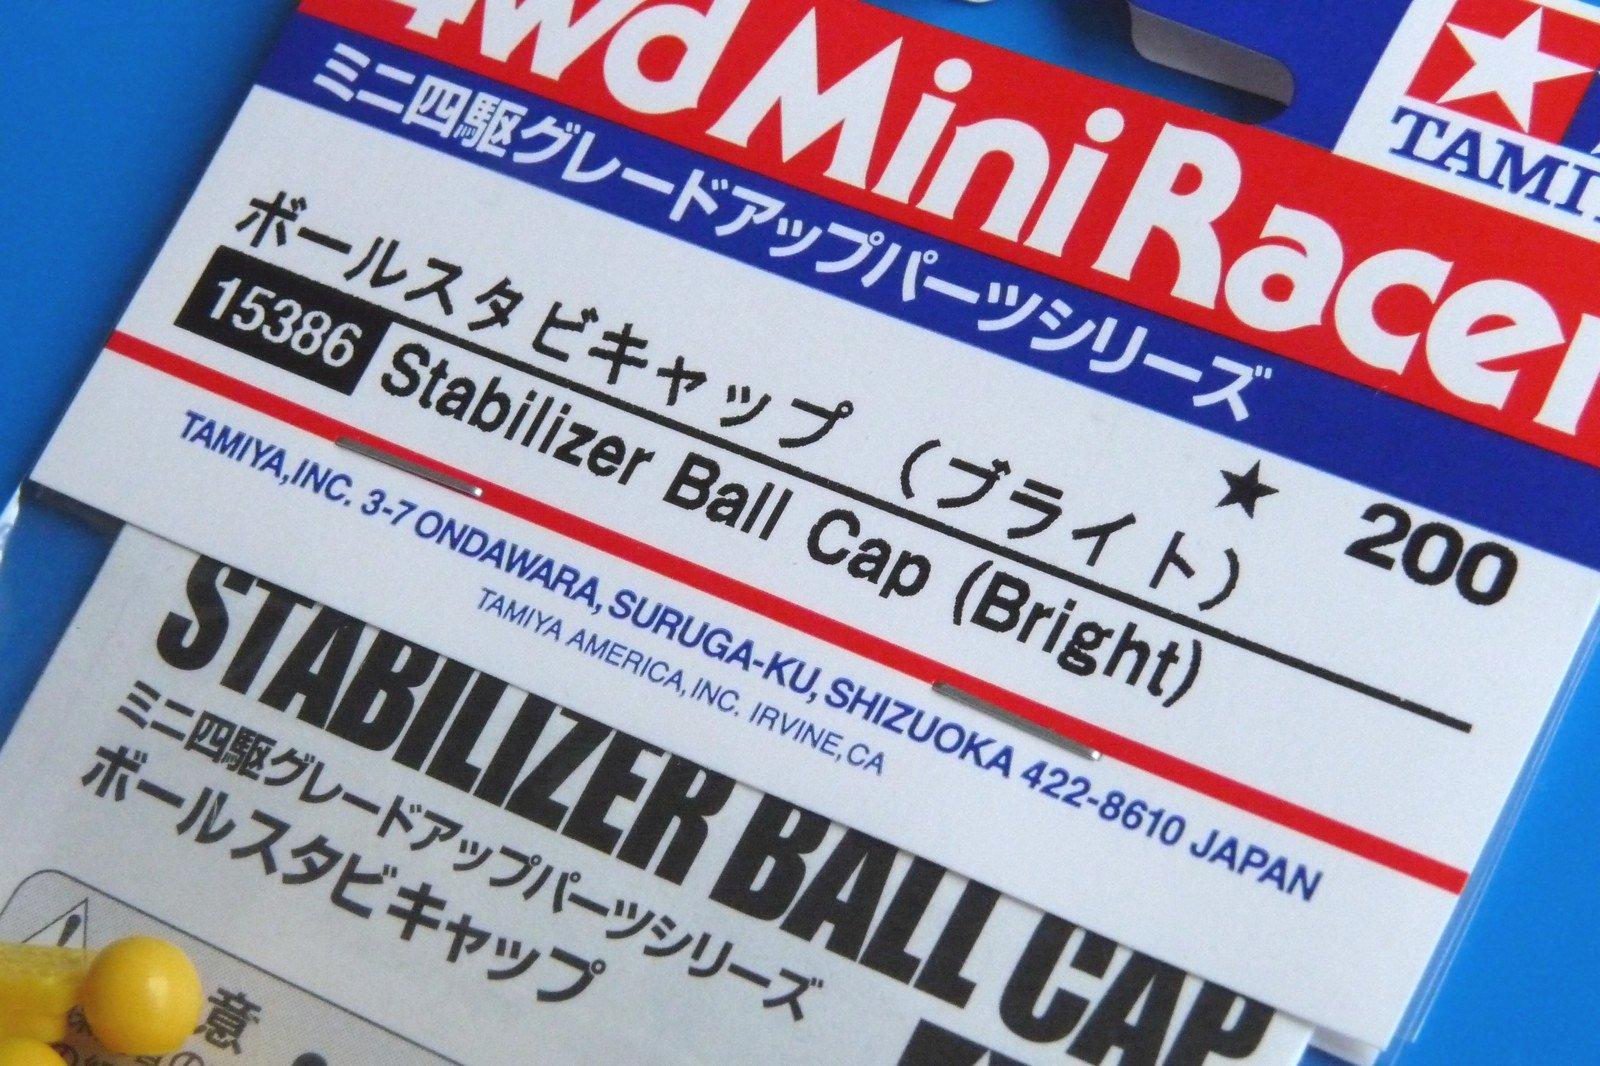 15386 ボールスタビキャップ(ブライト)/ミニ四駆グレードアップパーツ